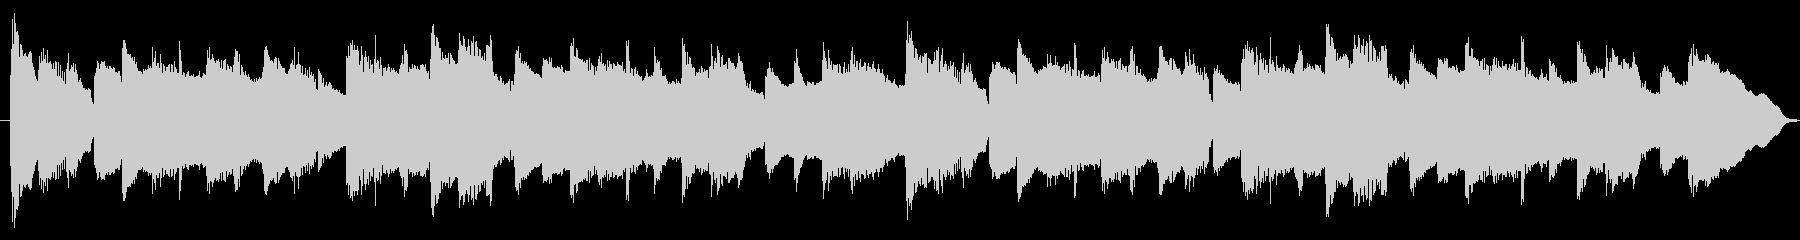 ハープシコードのソロ曲です。の未再生の波形